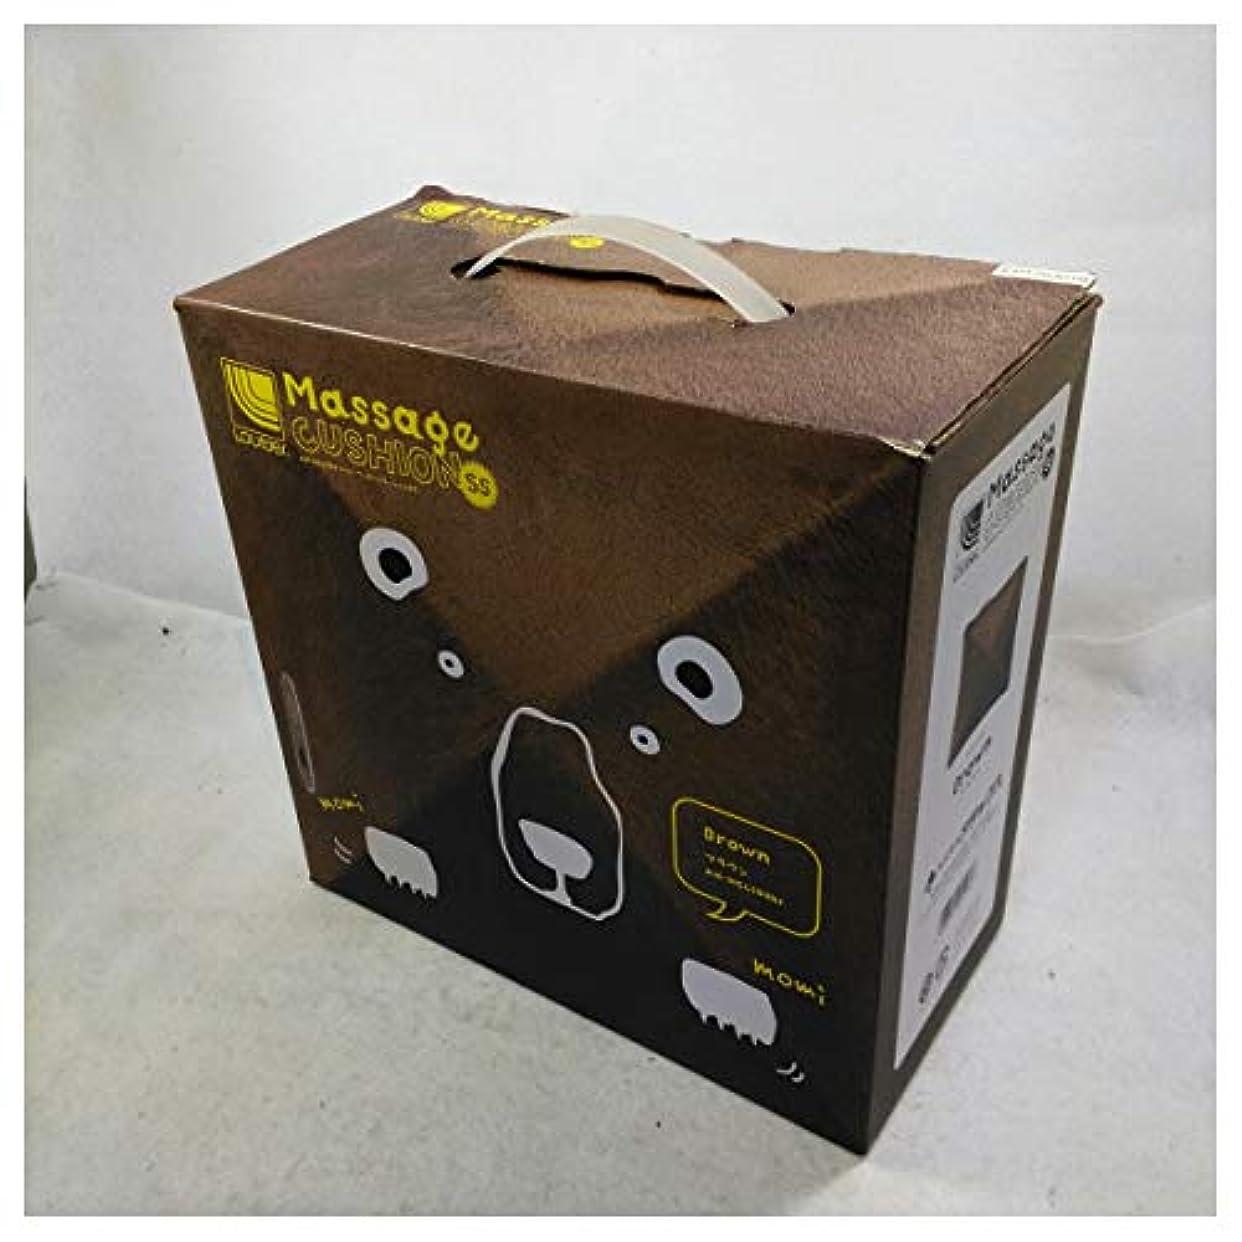 含む銅ギャラントリーアテックス ルルド マッサージ 小型 マッサージクッションSS ブラウン AX-HCL108br AX-HCL108br